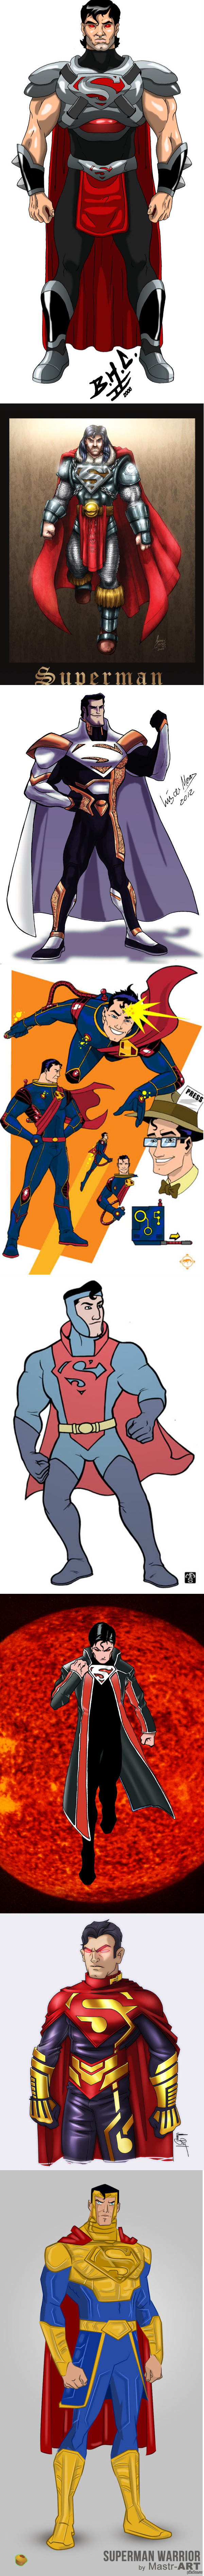 Такой разнообразный Супермэн. Очень длинный длиннопост с разными костюмами Супермэна (точно таких костюмов ни в кино, ни в комиксах не было). Склеено кривовато из-за неопытности.